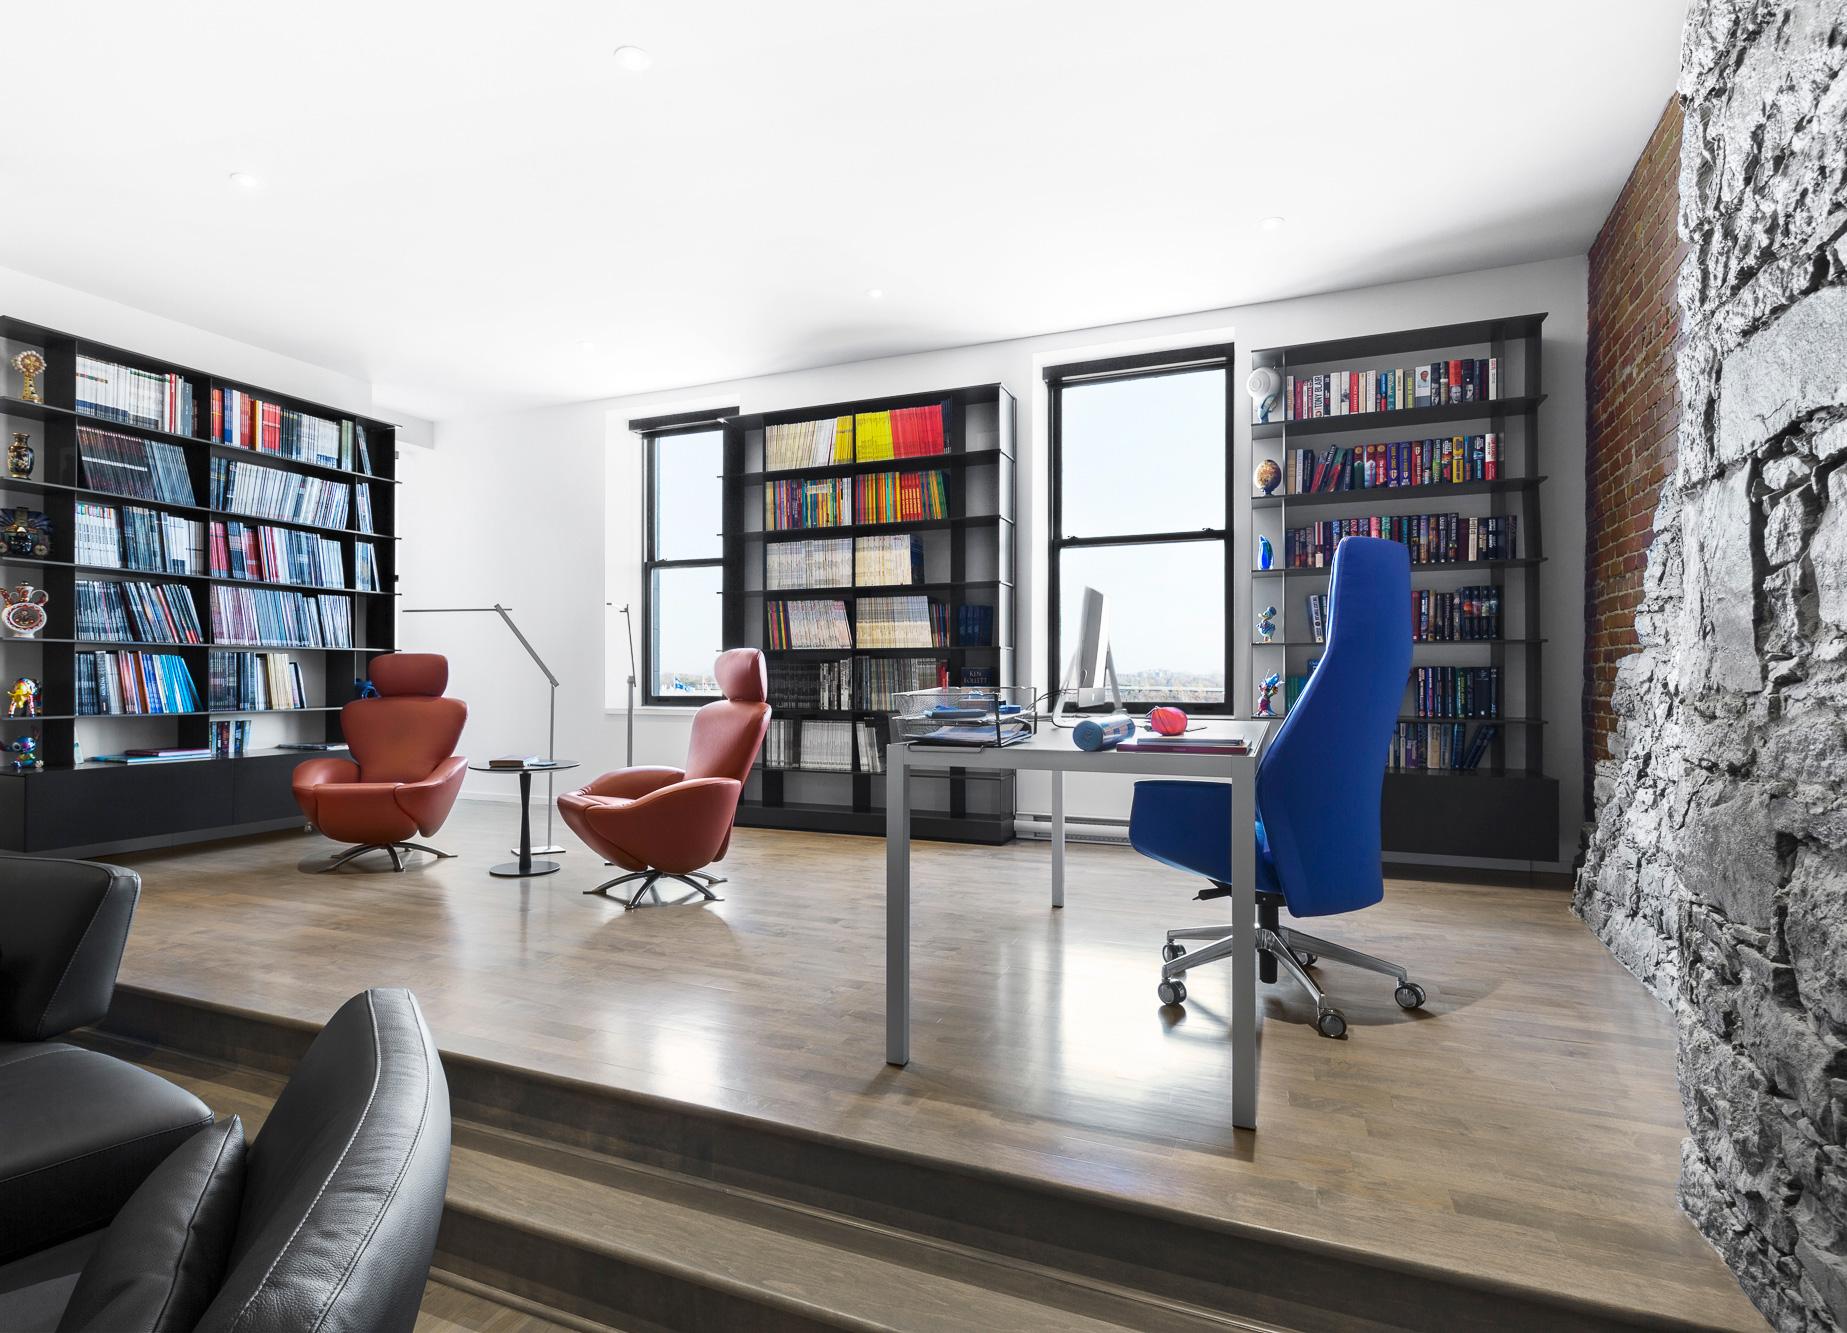 bureau de travail chaises colorées bibliothèques